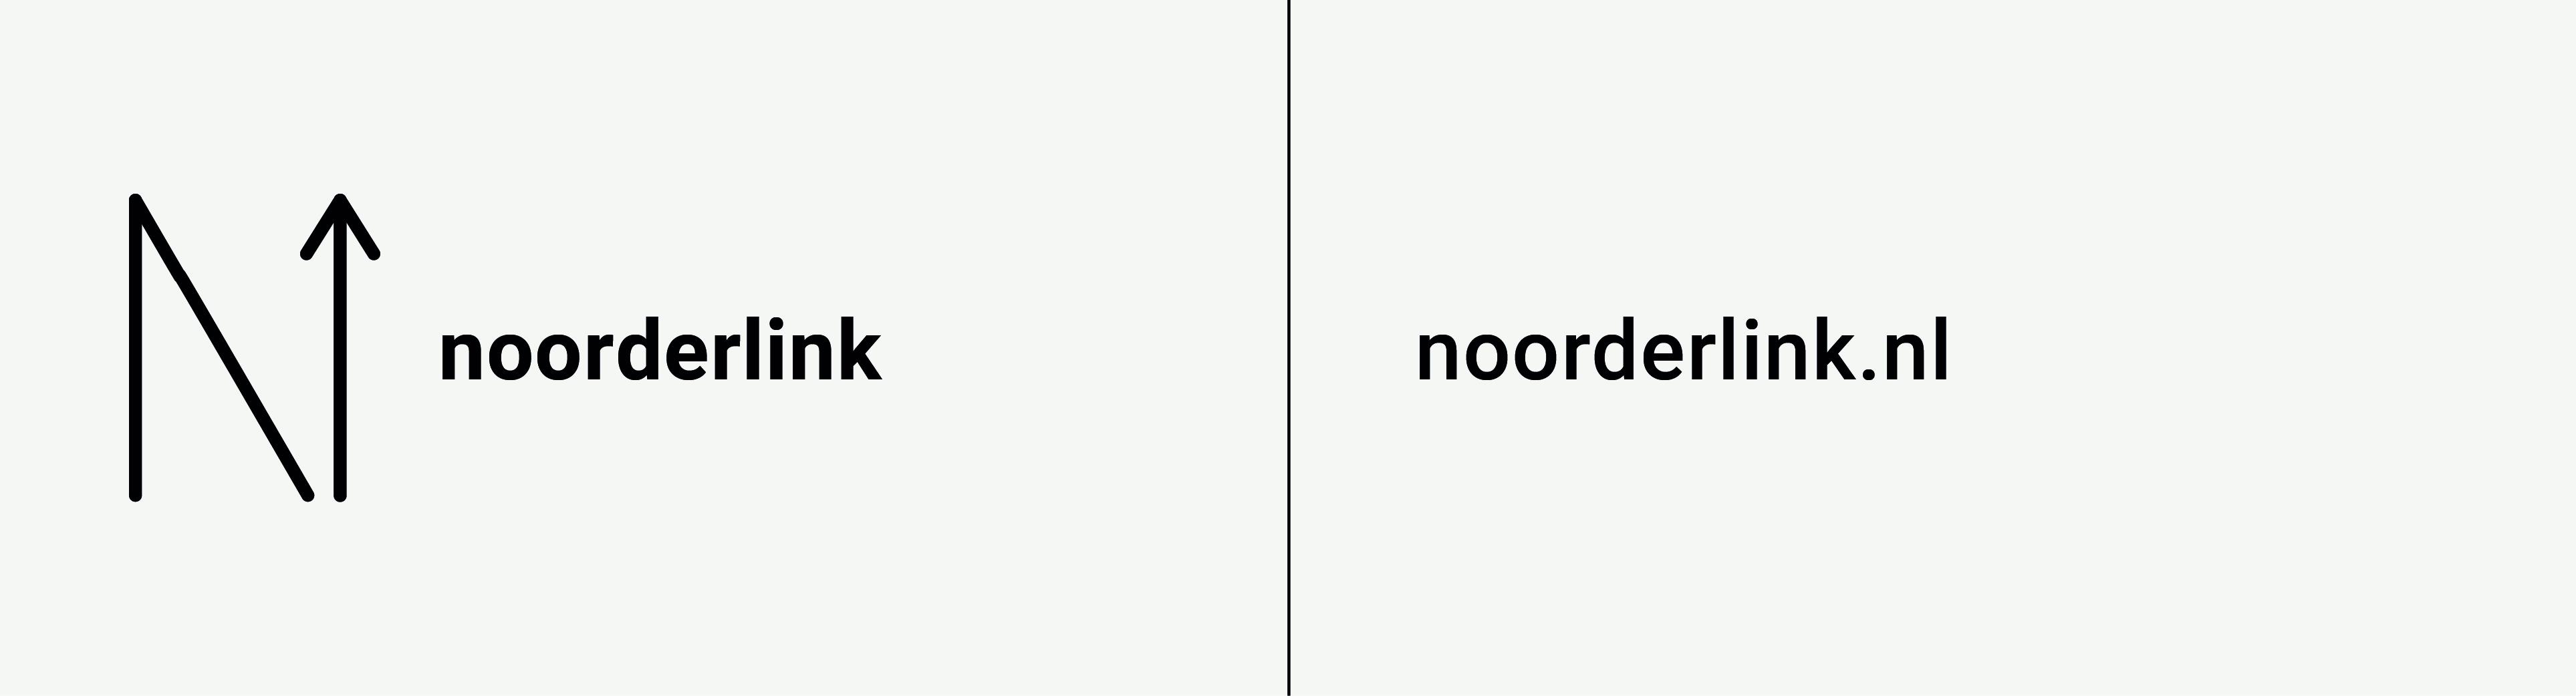 Noorderlink Events: Proeverij En, lekker gewerkt?